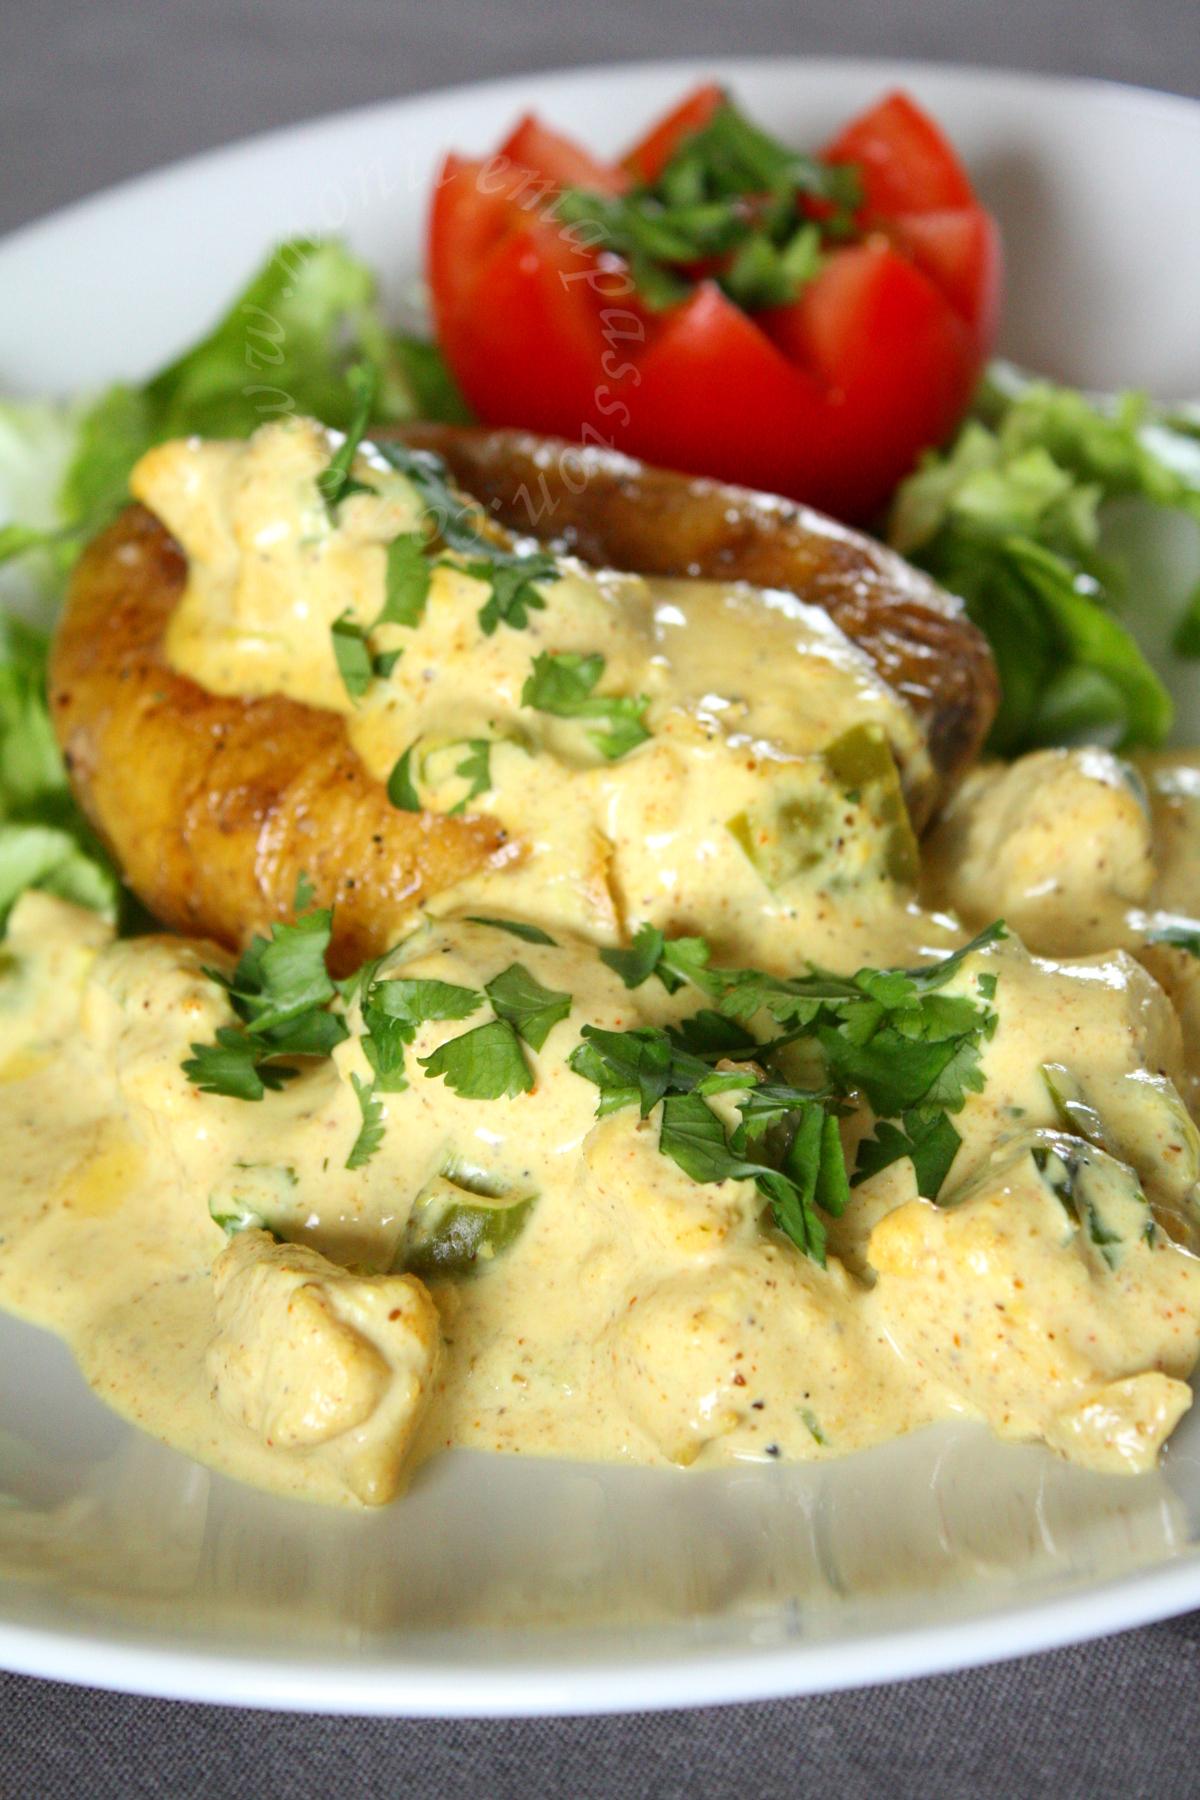 Poulet au curry et pomme de terre rôtie - Twice baked potato & chicken curry